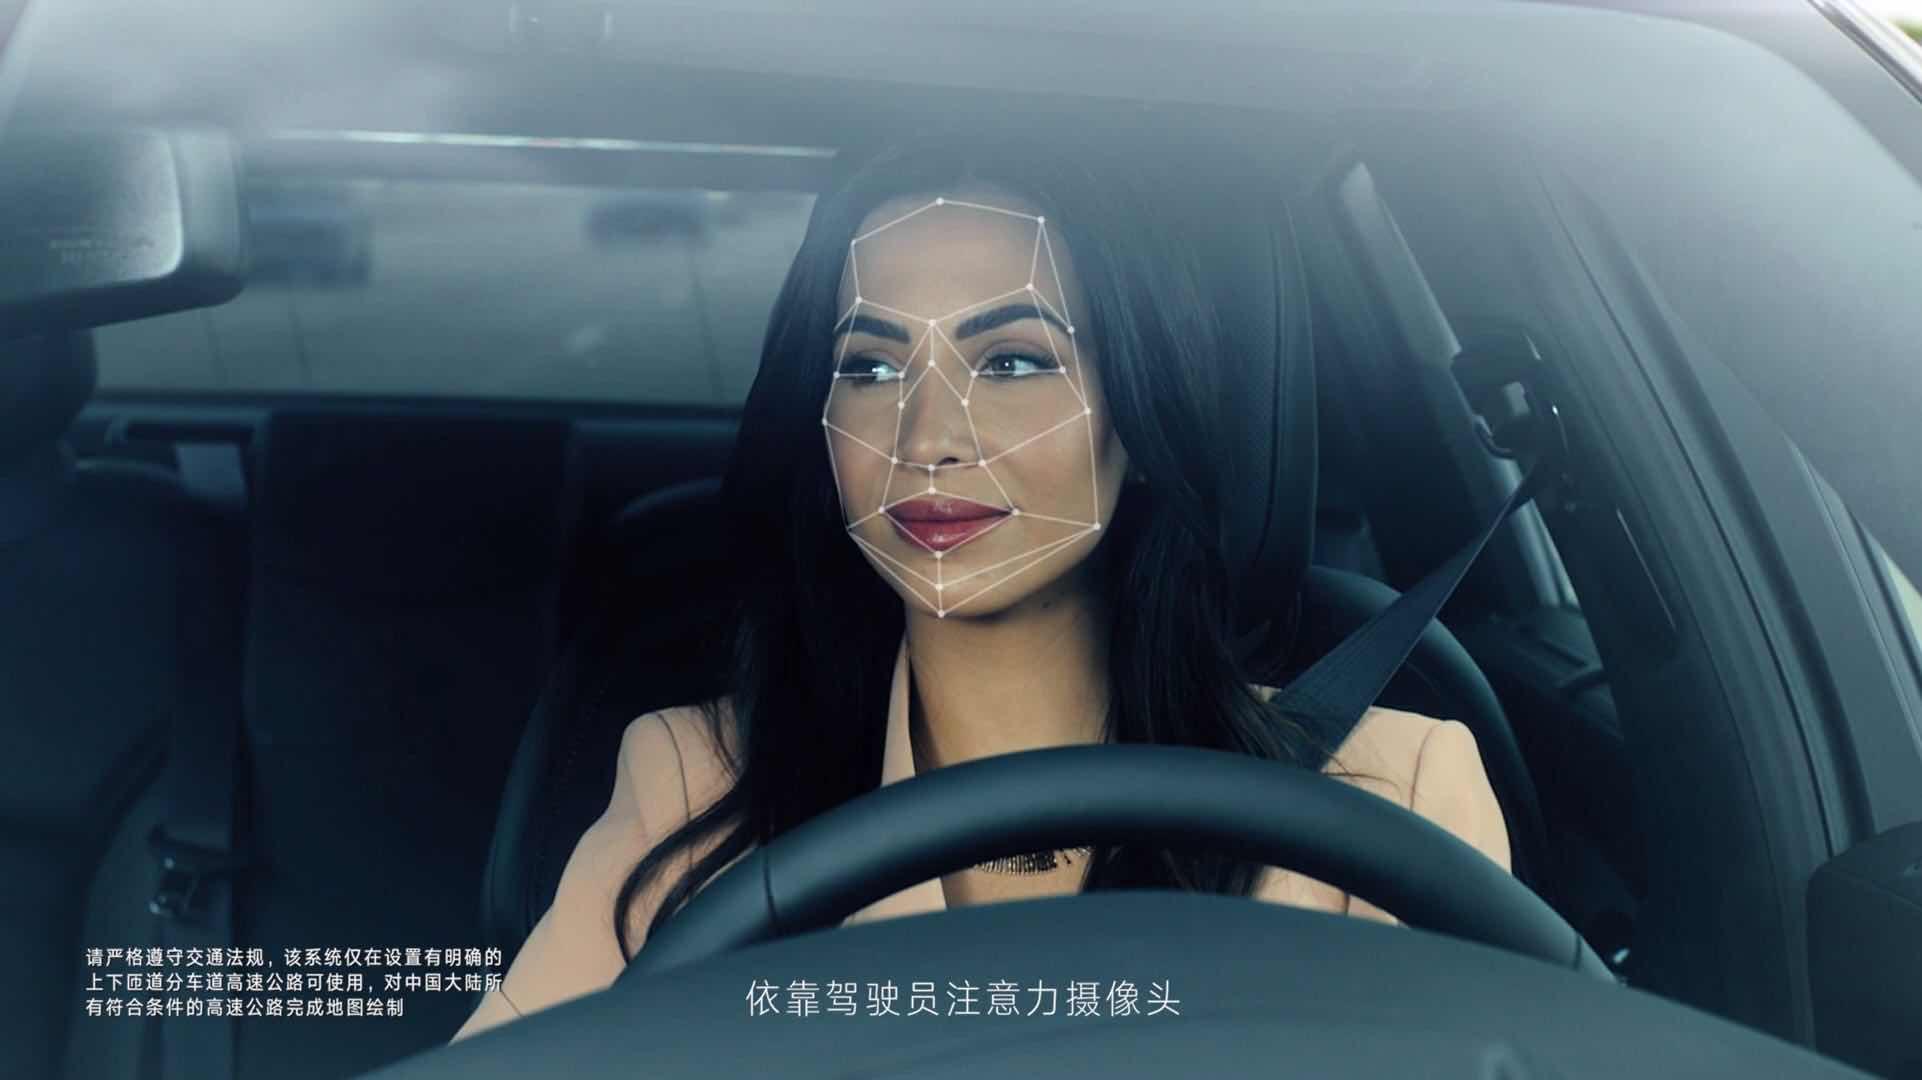 凯迪拉克发布超级智能驾驶系统 可提醒驾驶员保持注意力丨亚洲CES